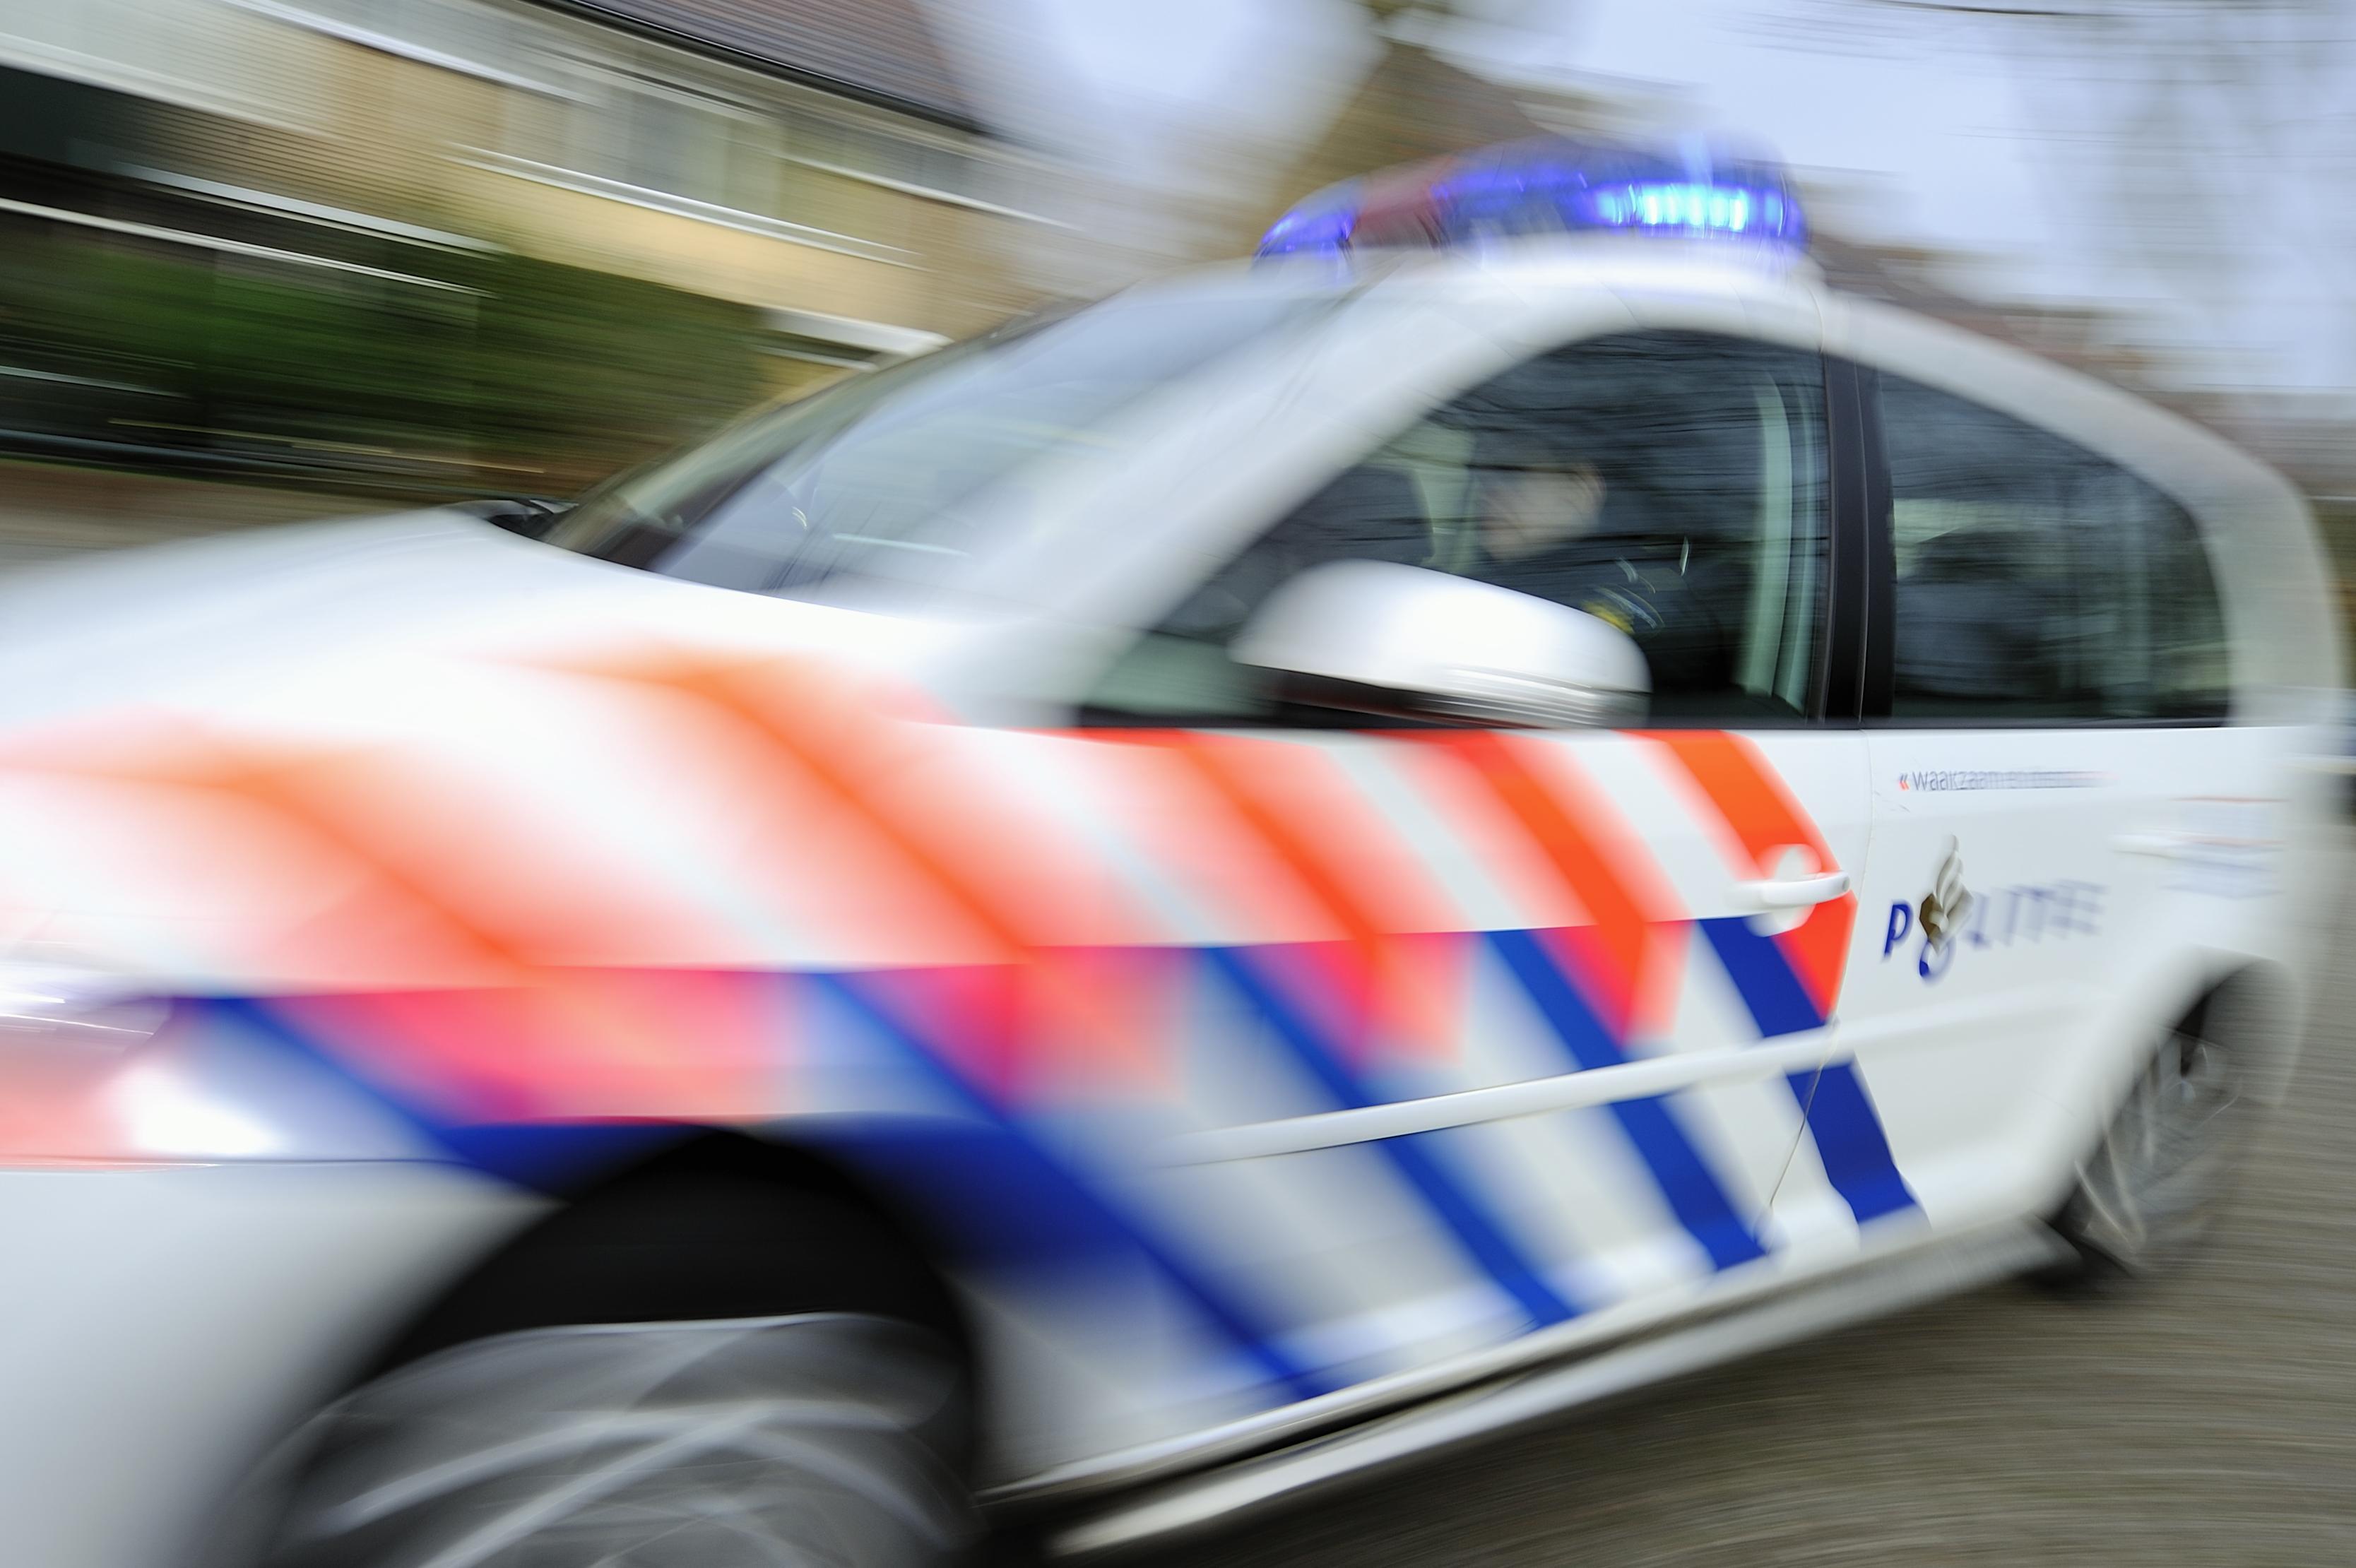 Politie arresteert 29-jarige man op verdenking van heling in Nieuw-Vennep